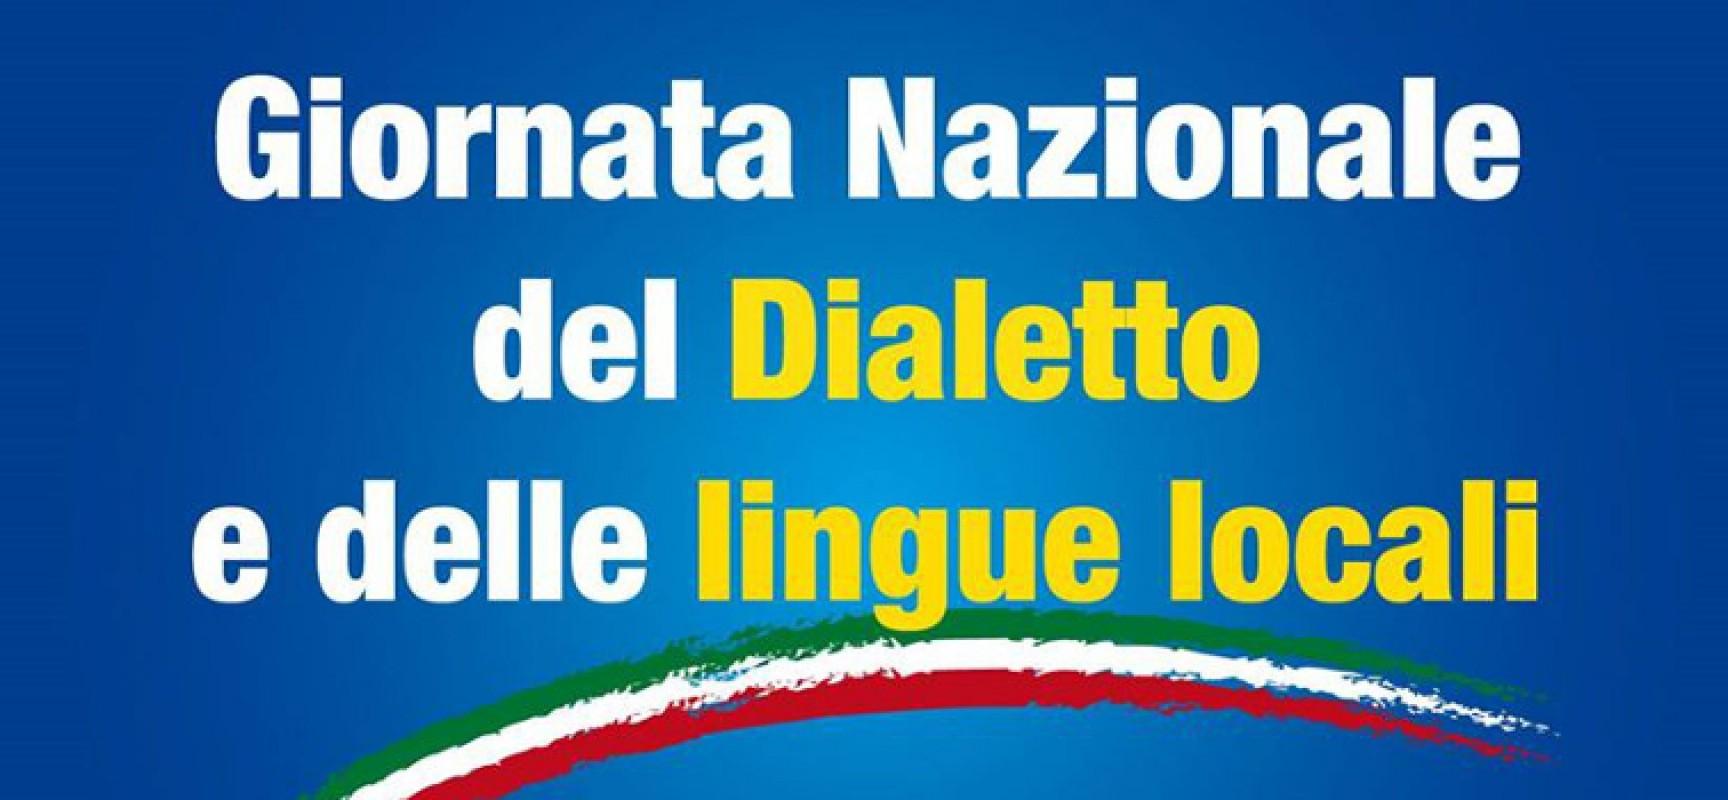 Giornata del dialetto e delle lingue locali, come segnalare le iniziative per l'edizione 2021